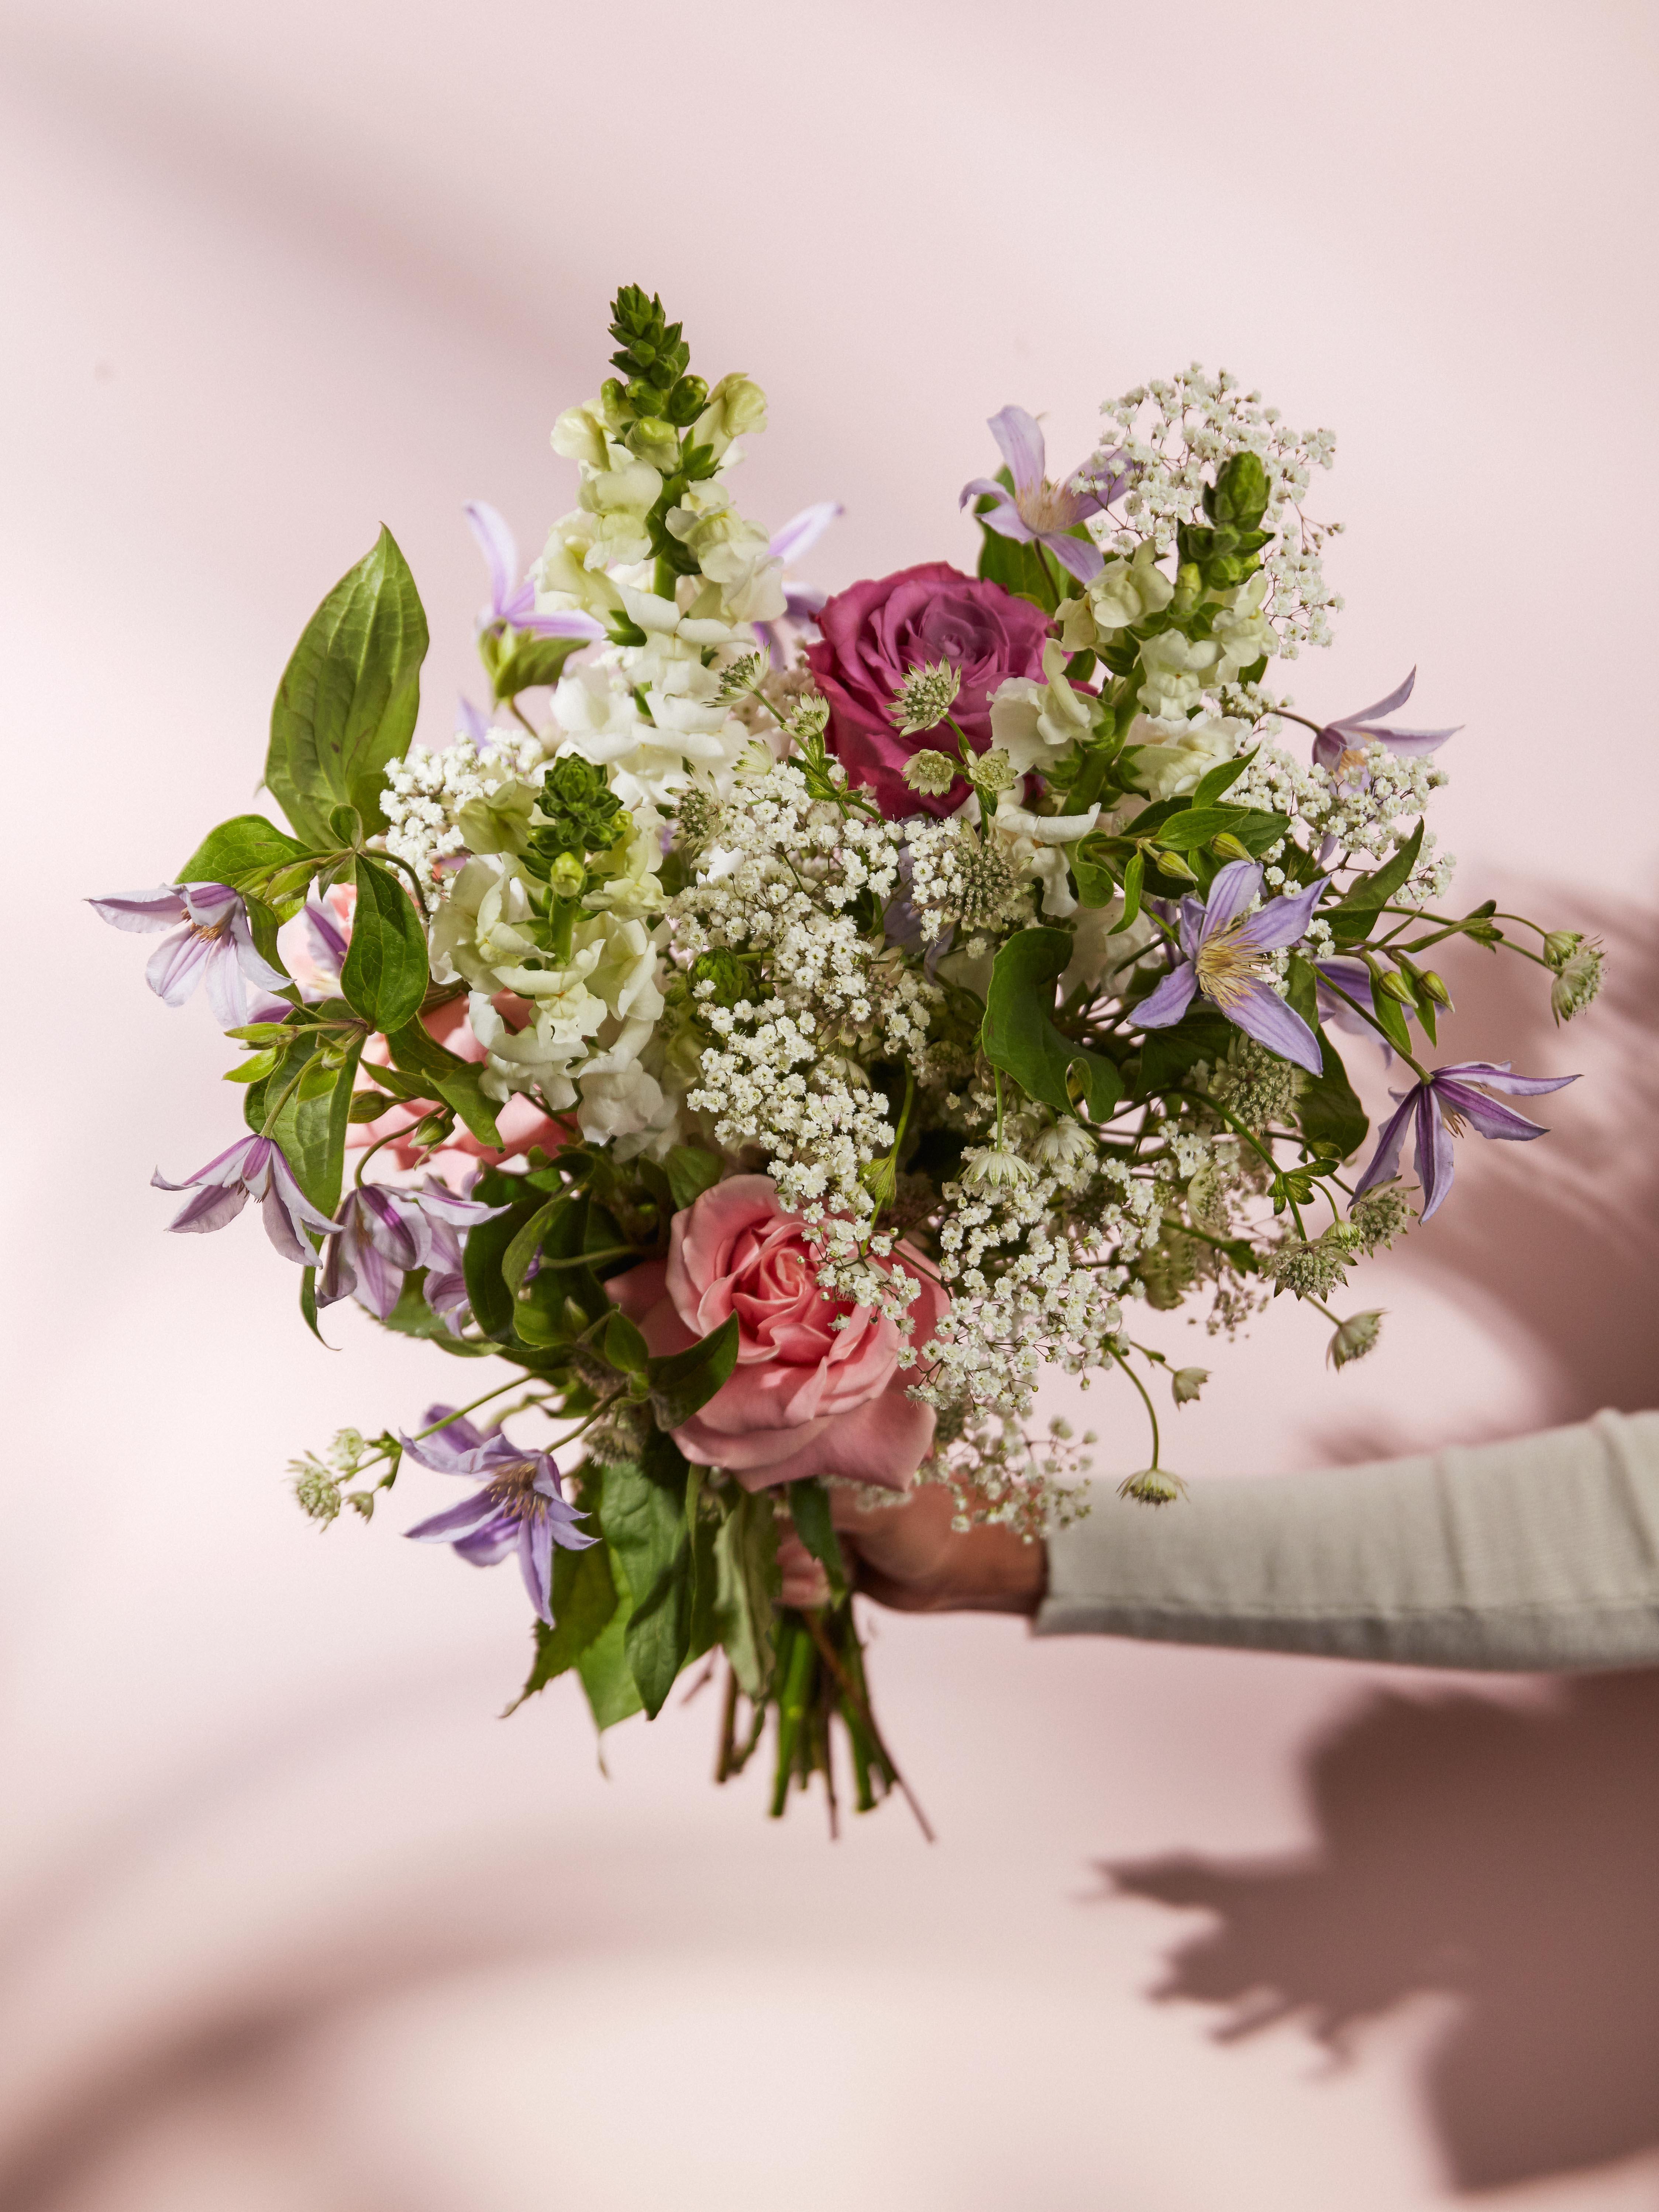 Bouquet sans pollen